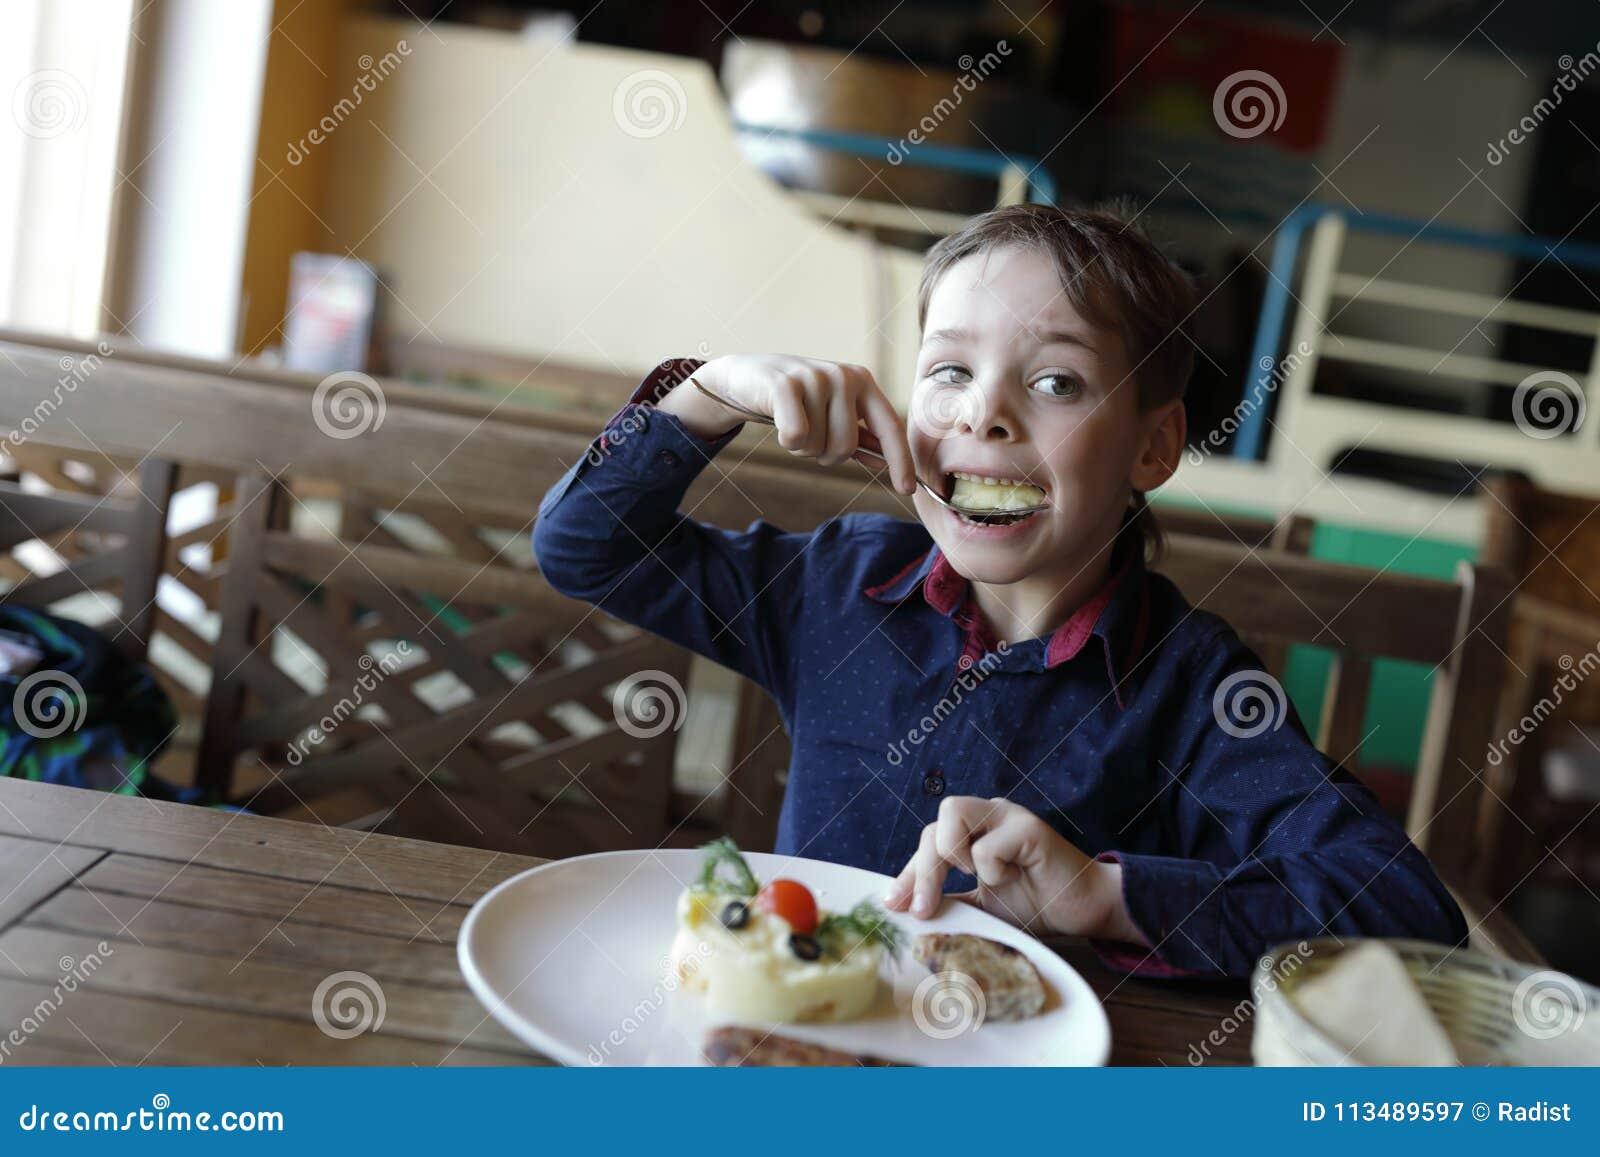 Boy Eating Mashed Potatoes